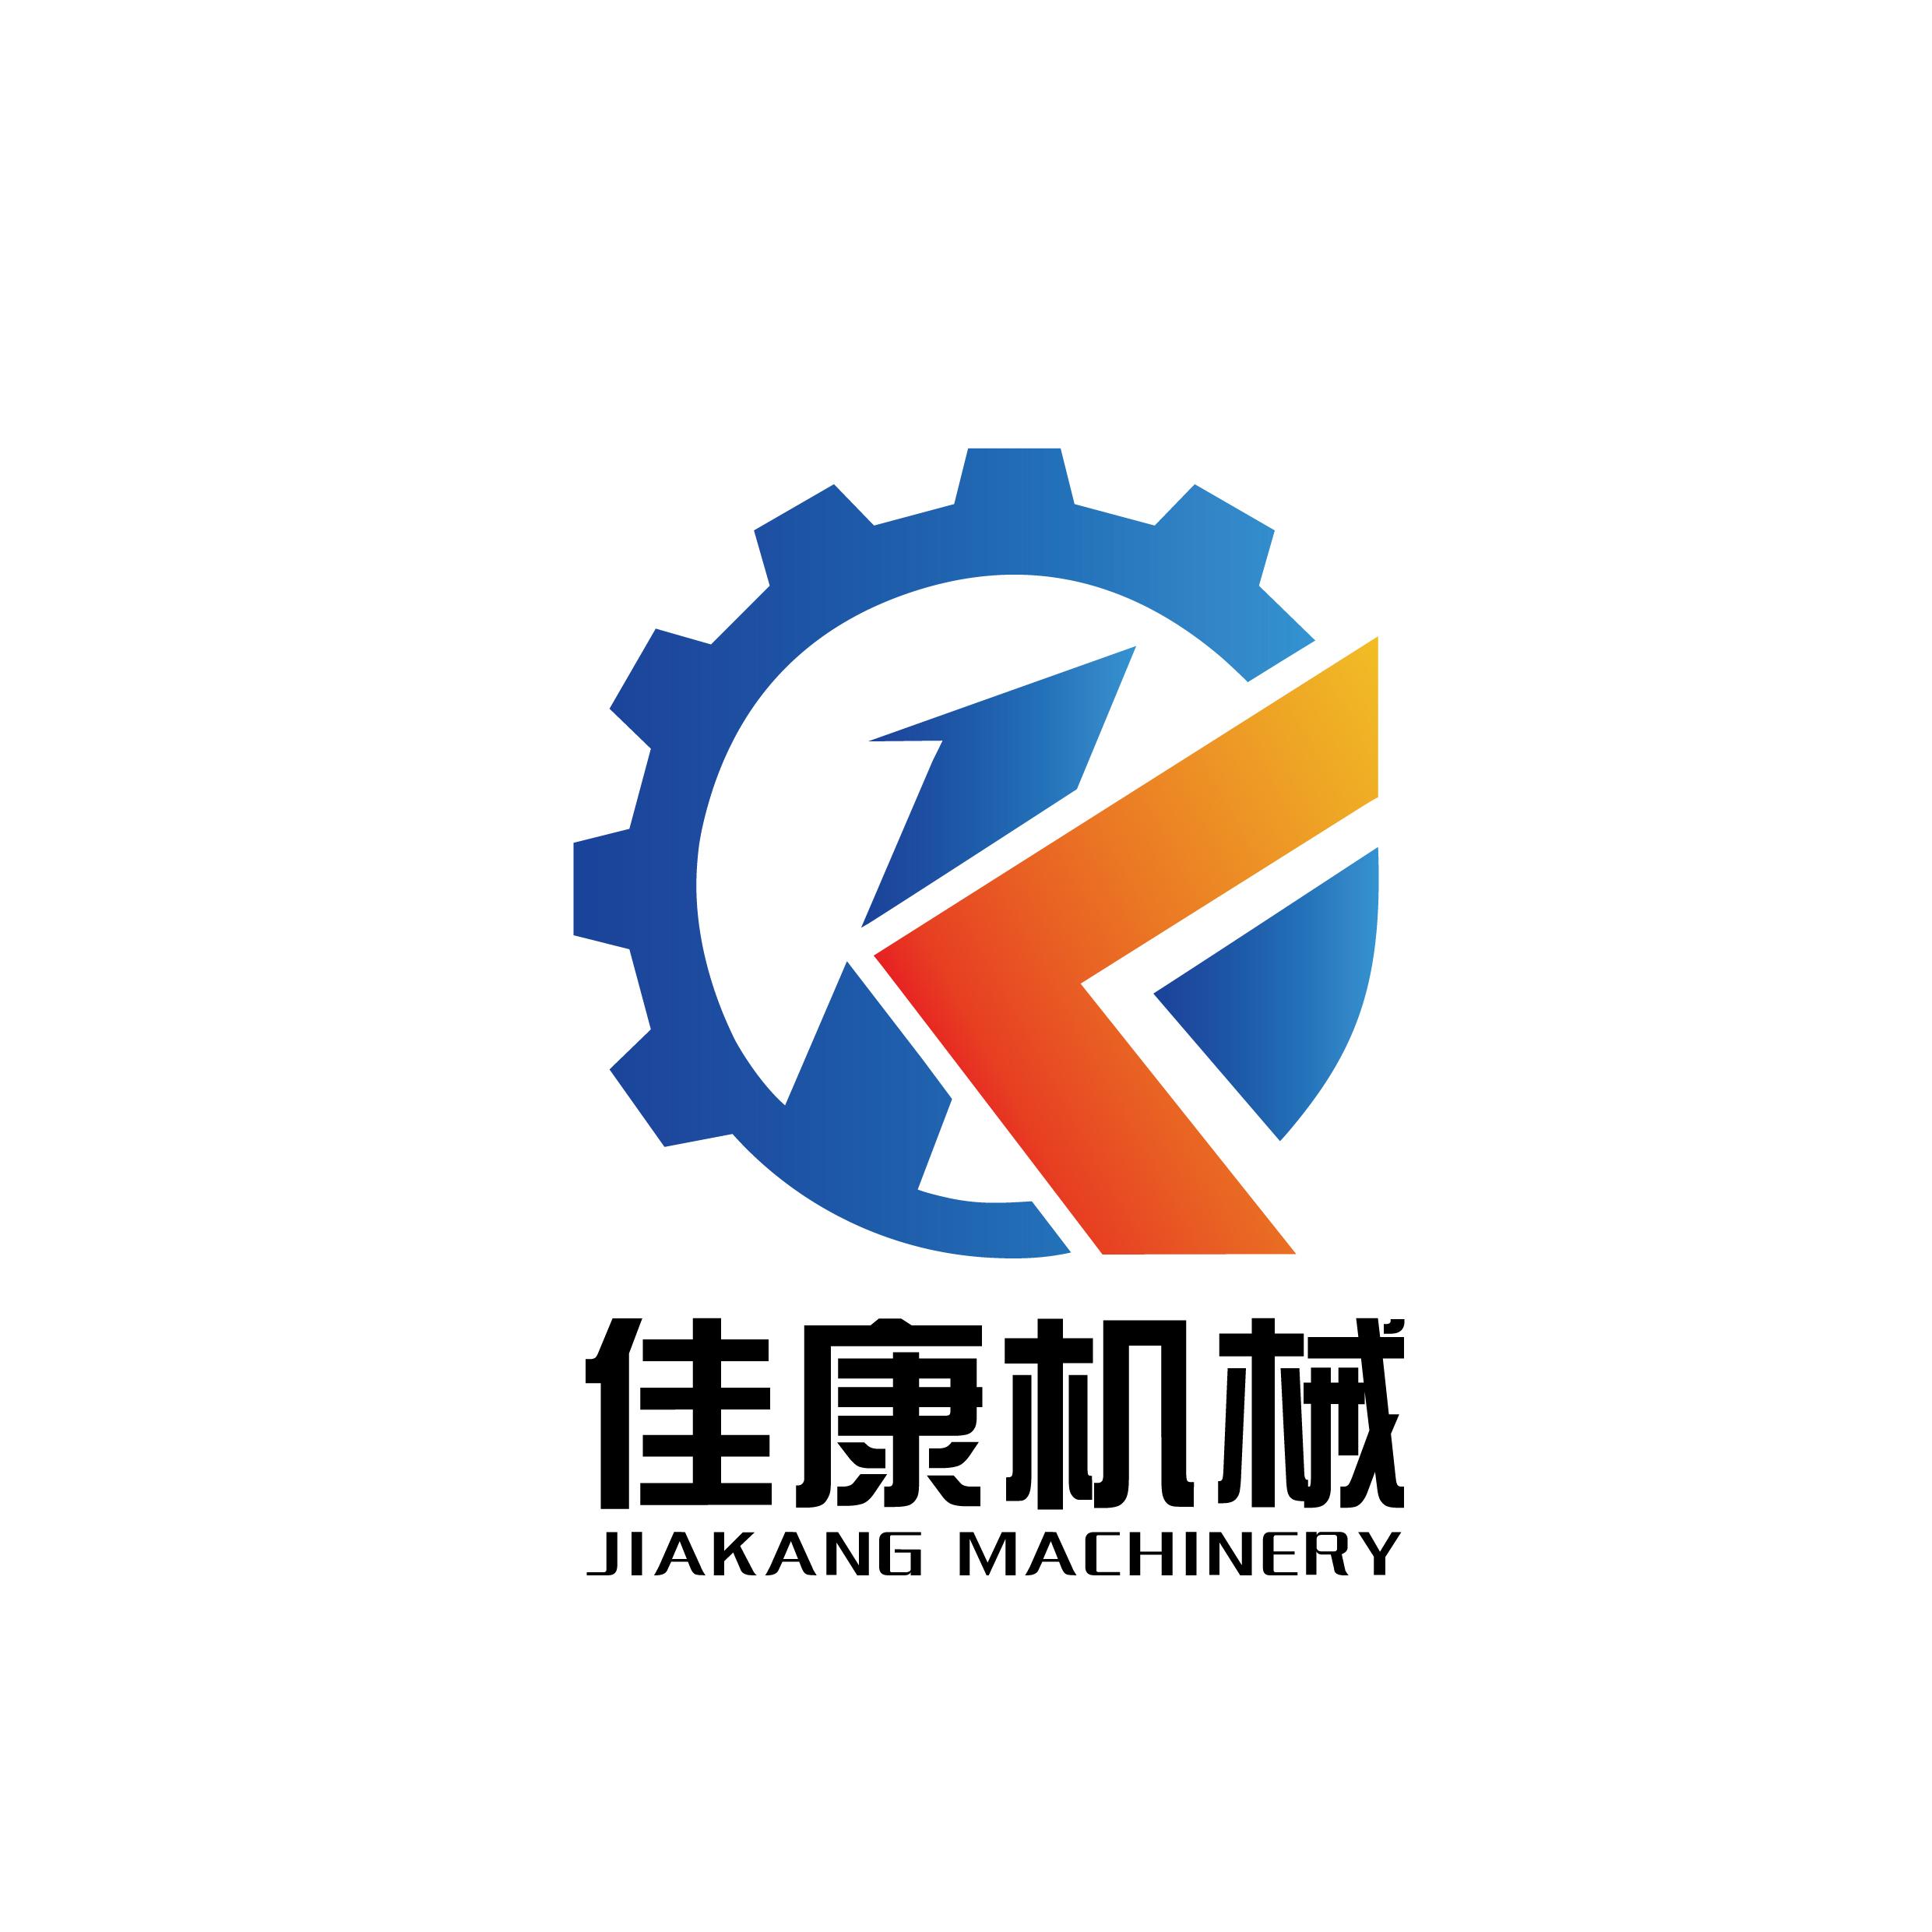 山东佳康机械科技有限公司